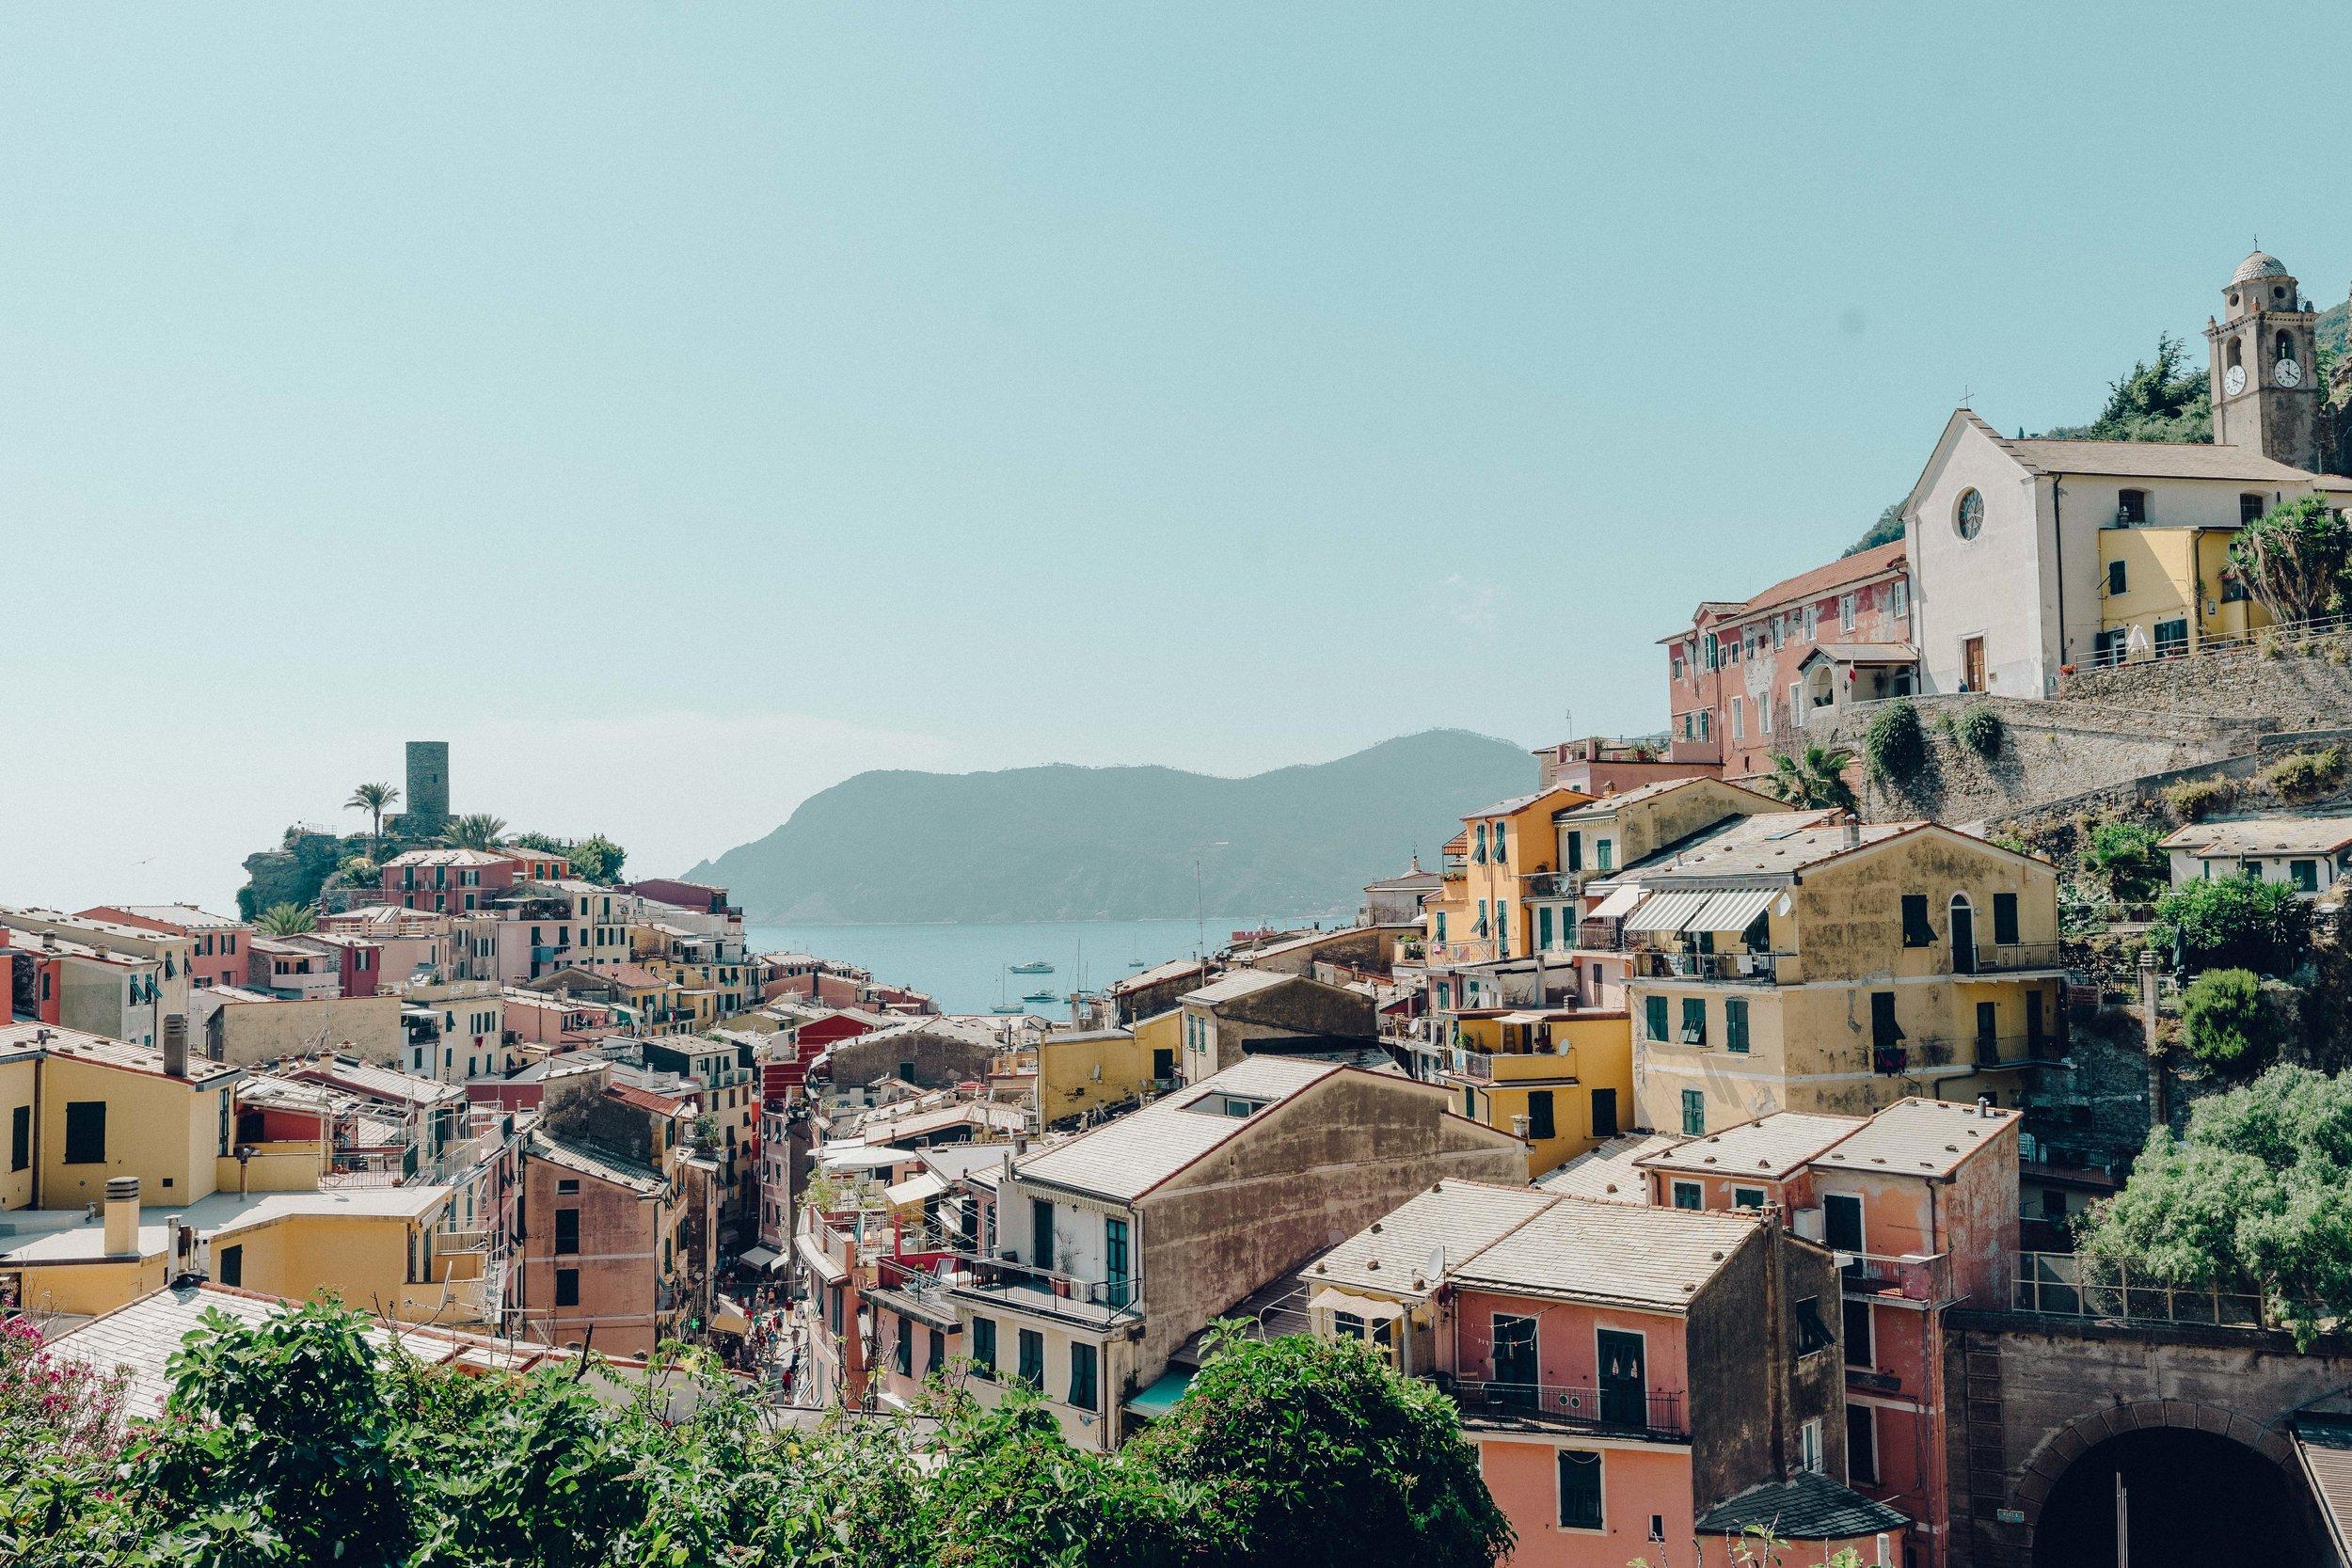 ASROSENVINGE_Roadtrip_Italy_Cinque_Terre-08068.jpg